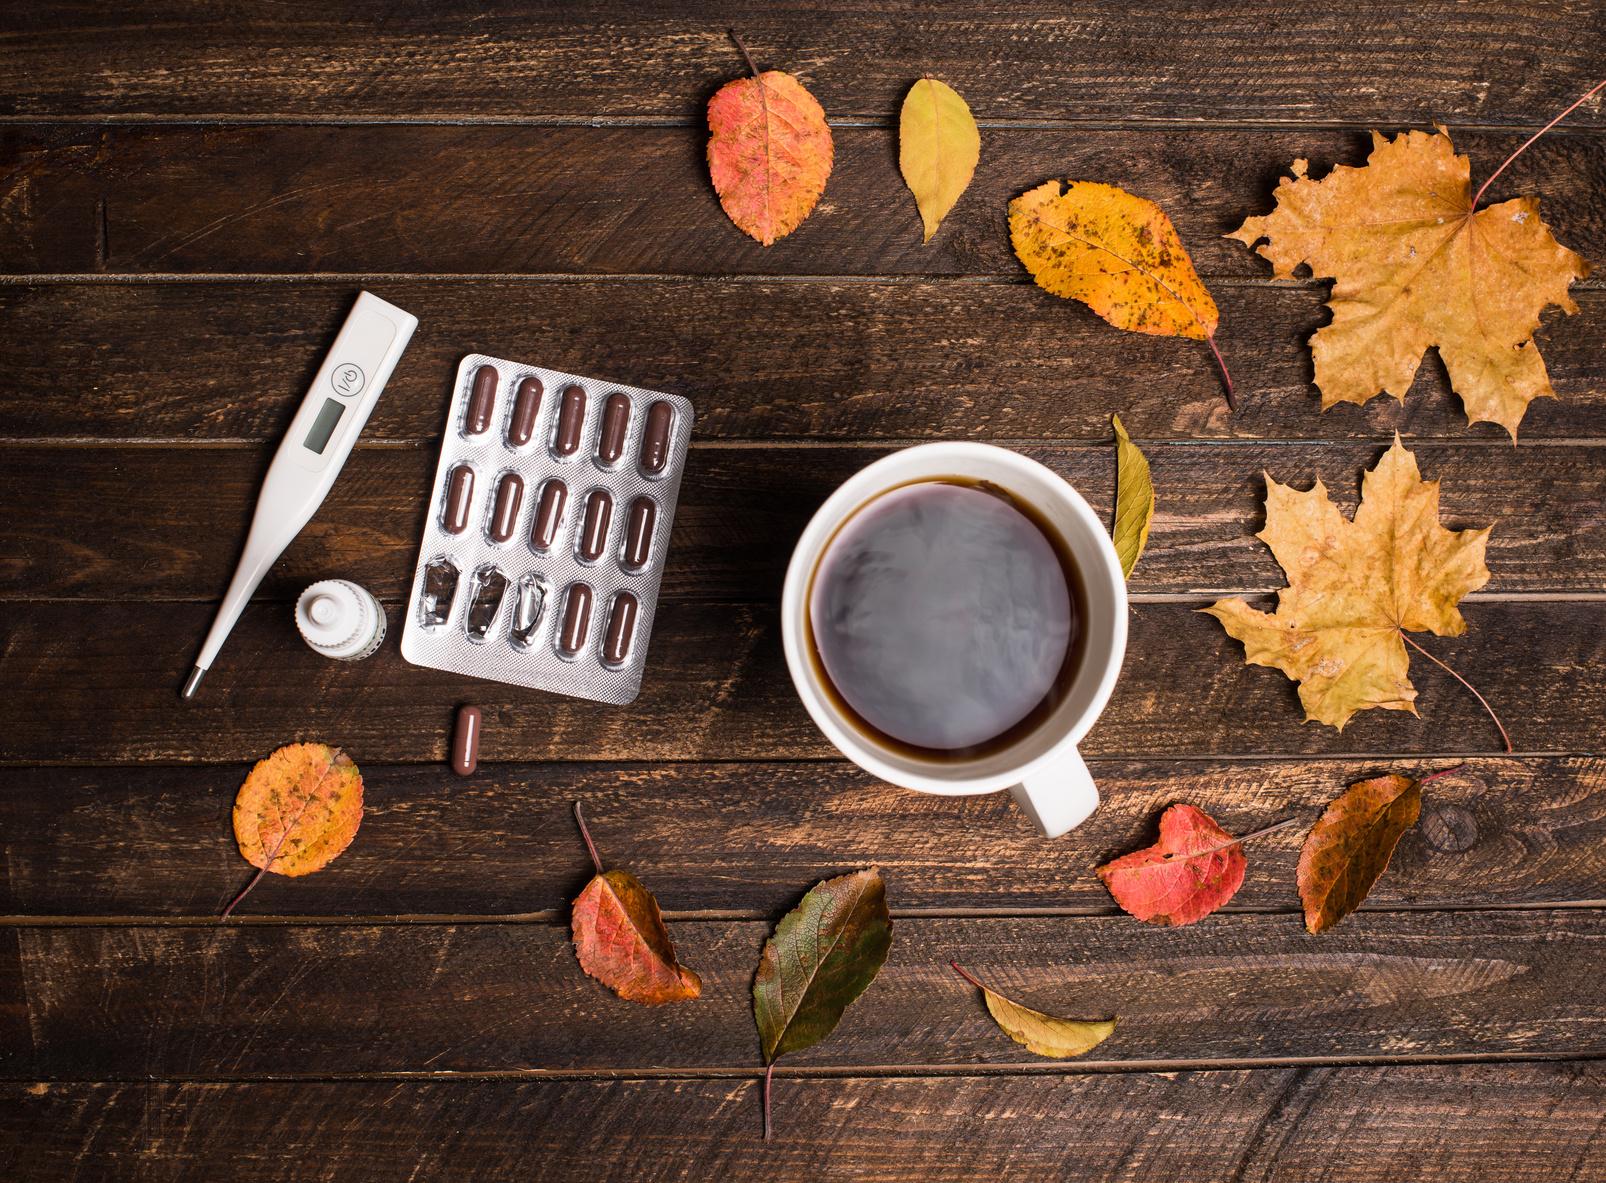 季節の変わり目は体調不良にご注意。秋の寒暖差対策